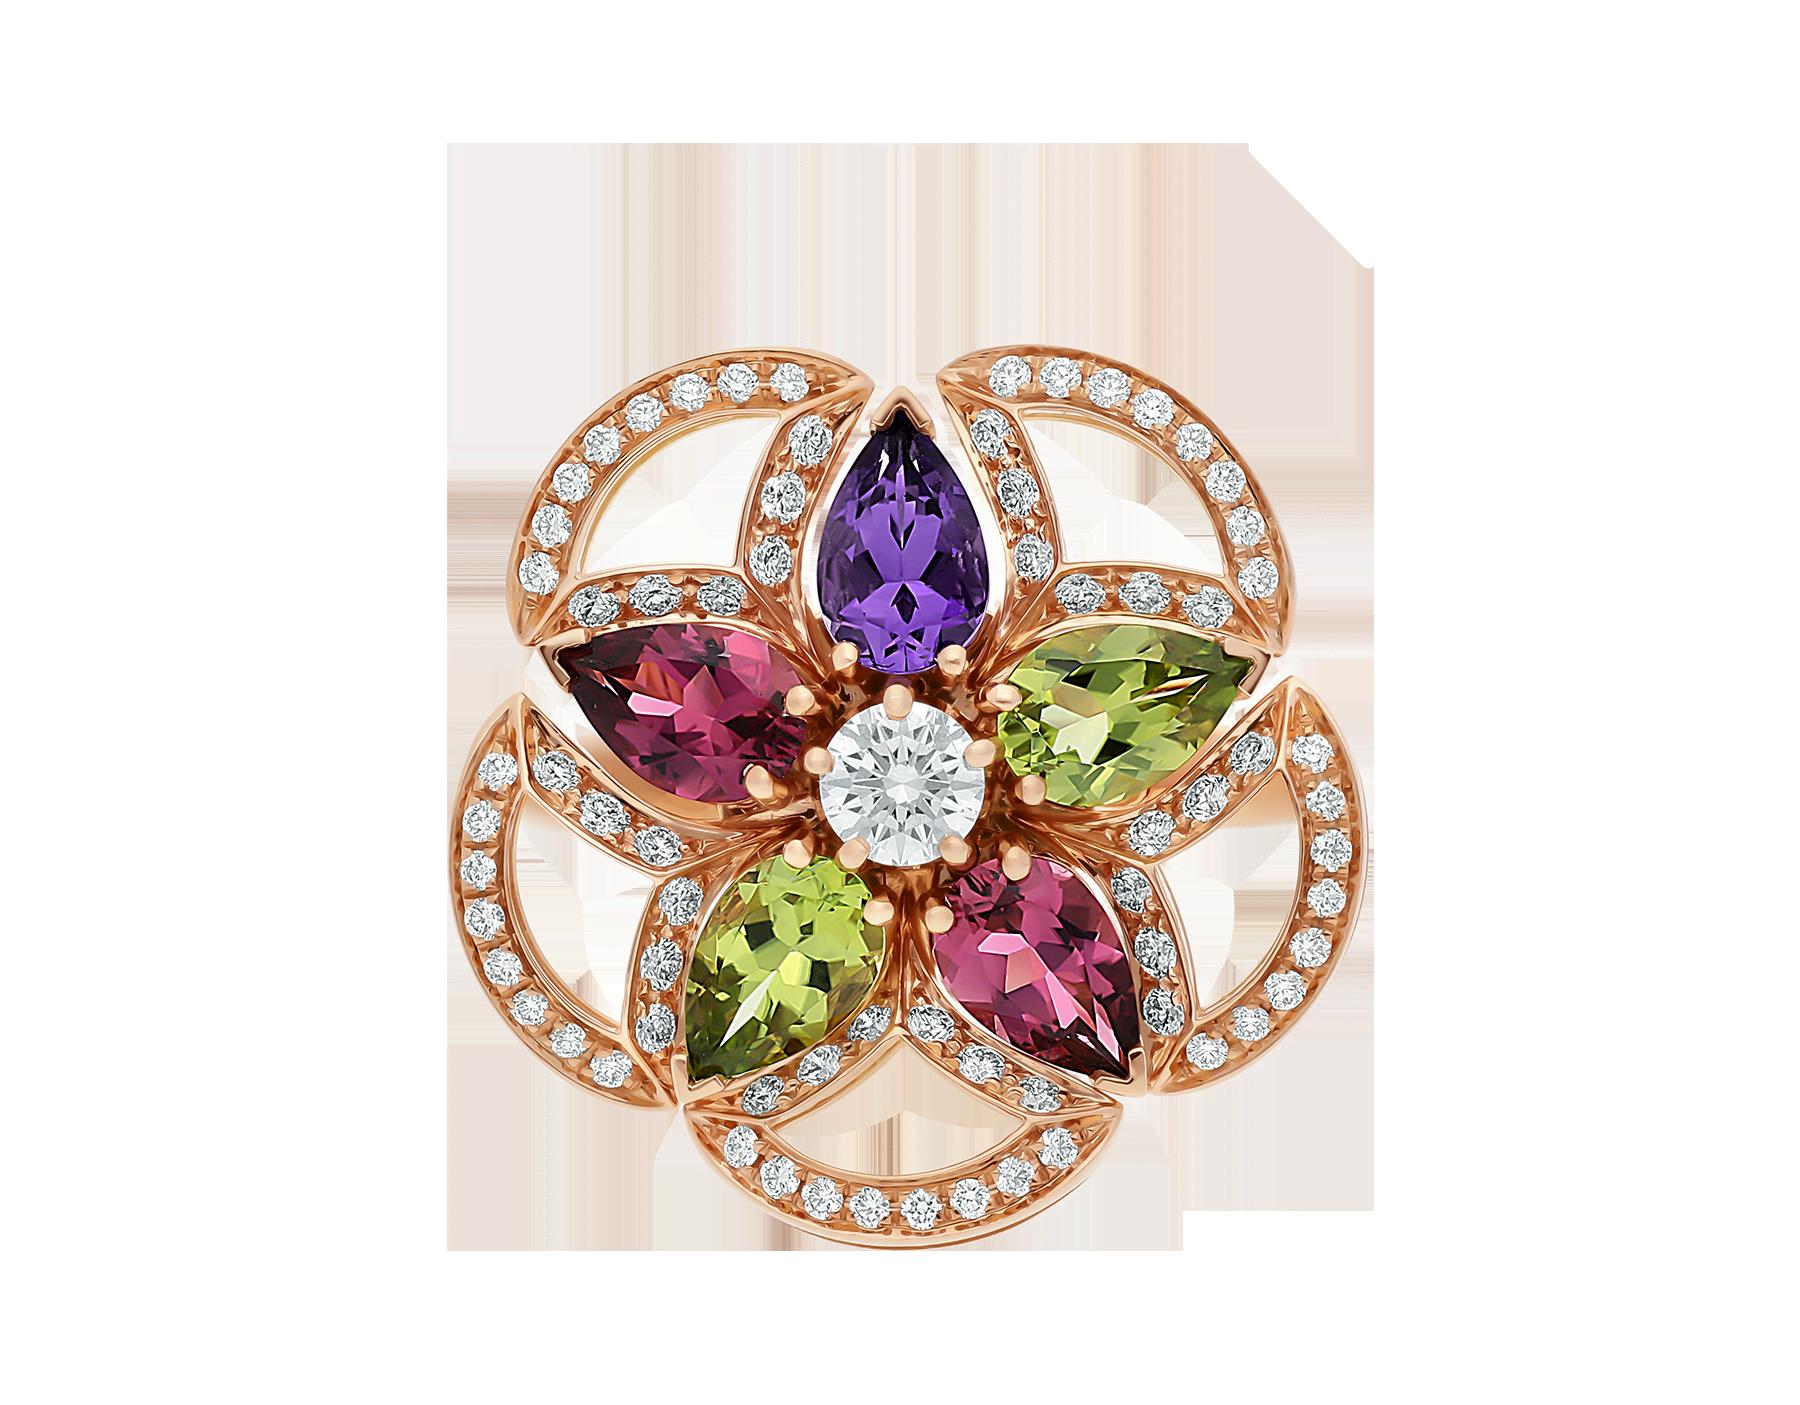 Bague DIVAS' DREAM en or rose 18K sertie de pierres de couleur, diamant taille brillant et pavé diamants AN858421 image 3